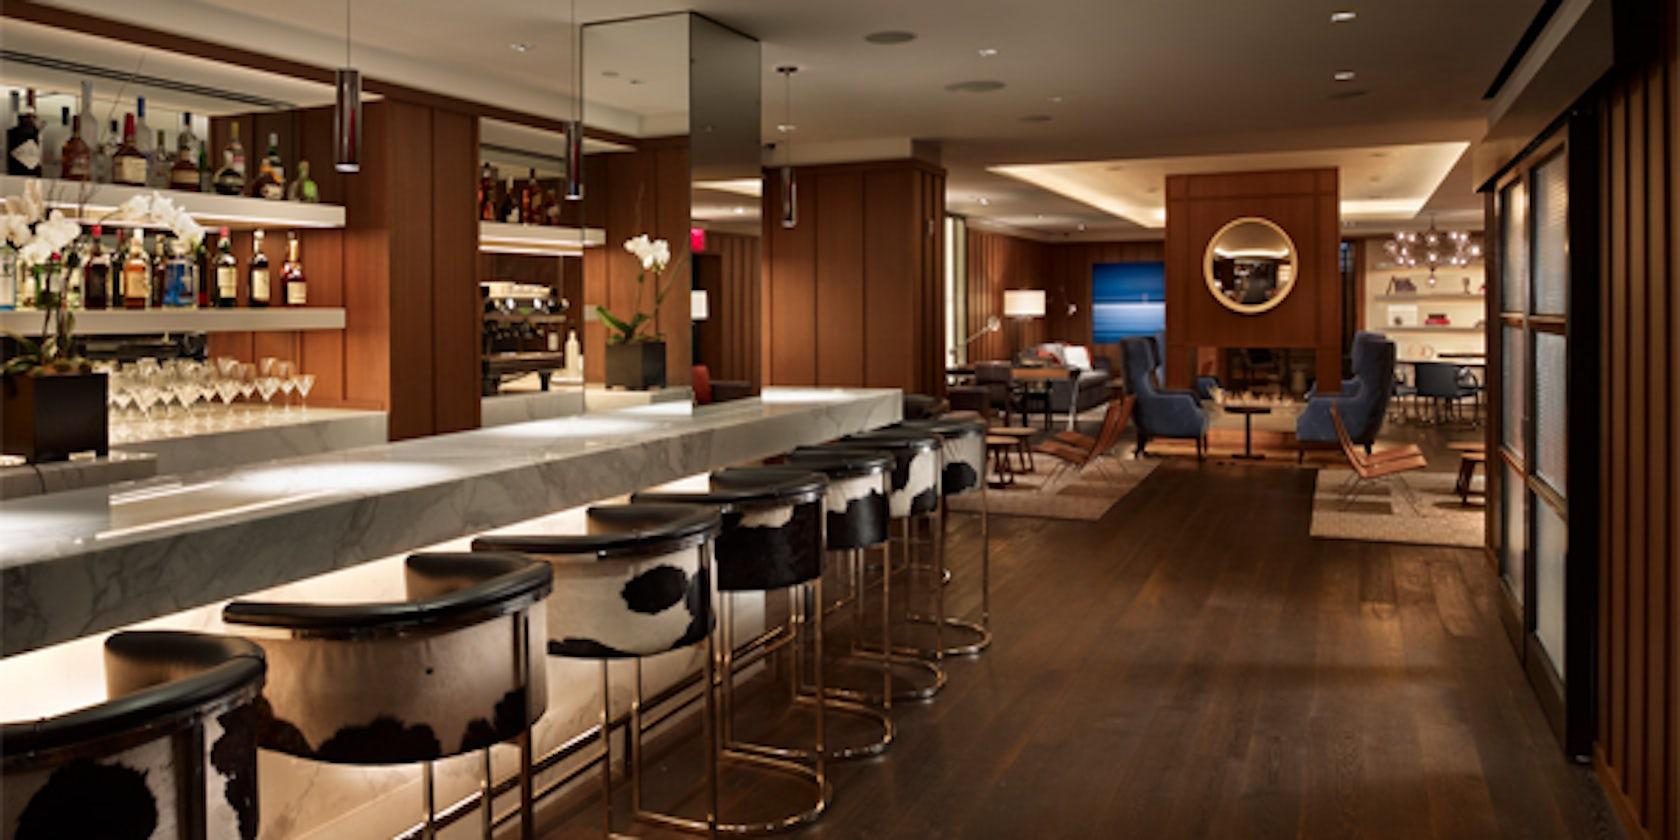 Aka Hotels Sutton Place Lounge Architizer